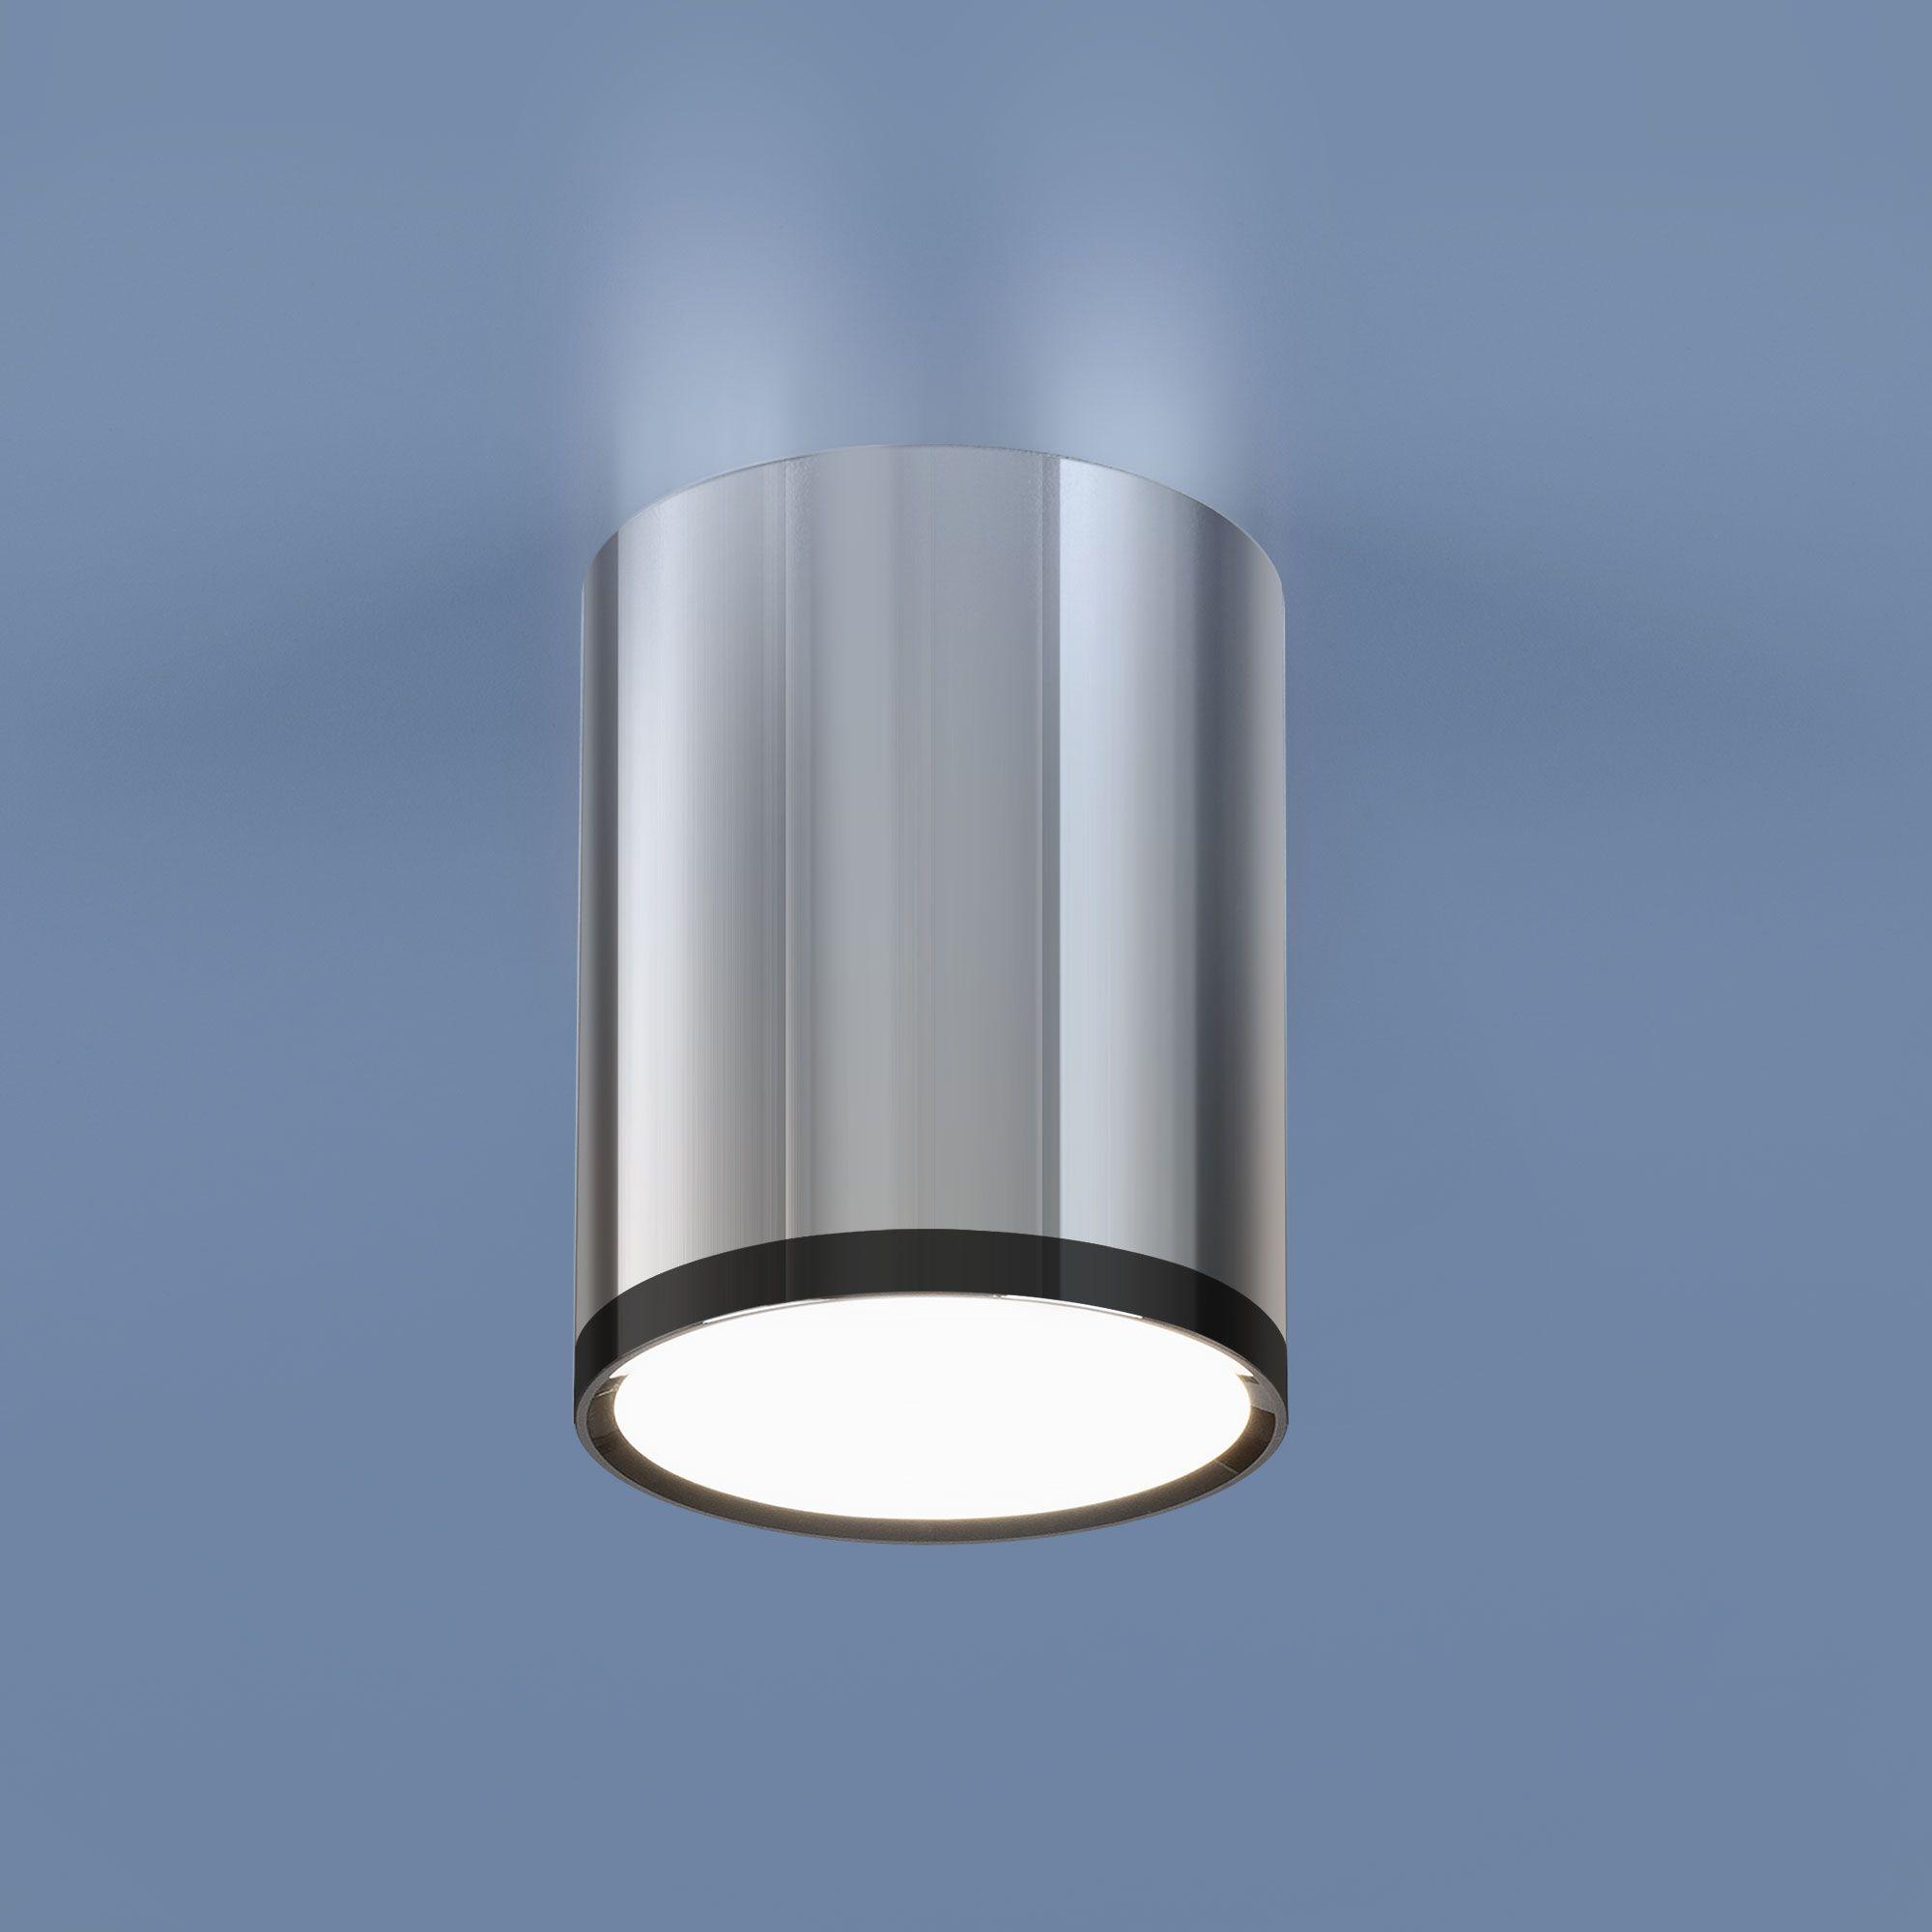 Накладной светодиодный светильник DLR024 6W 4200K хром/черный хром